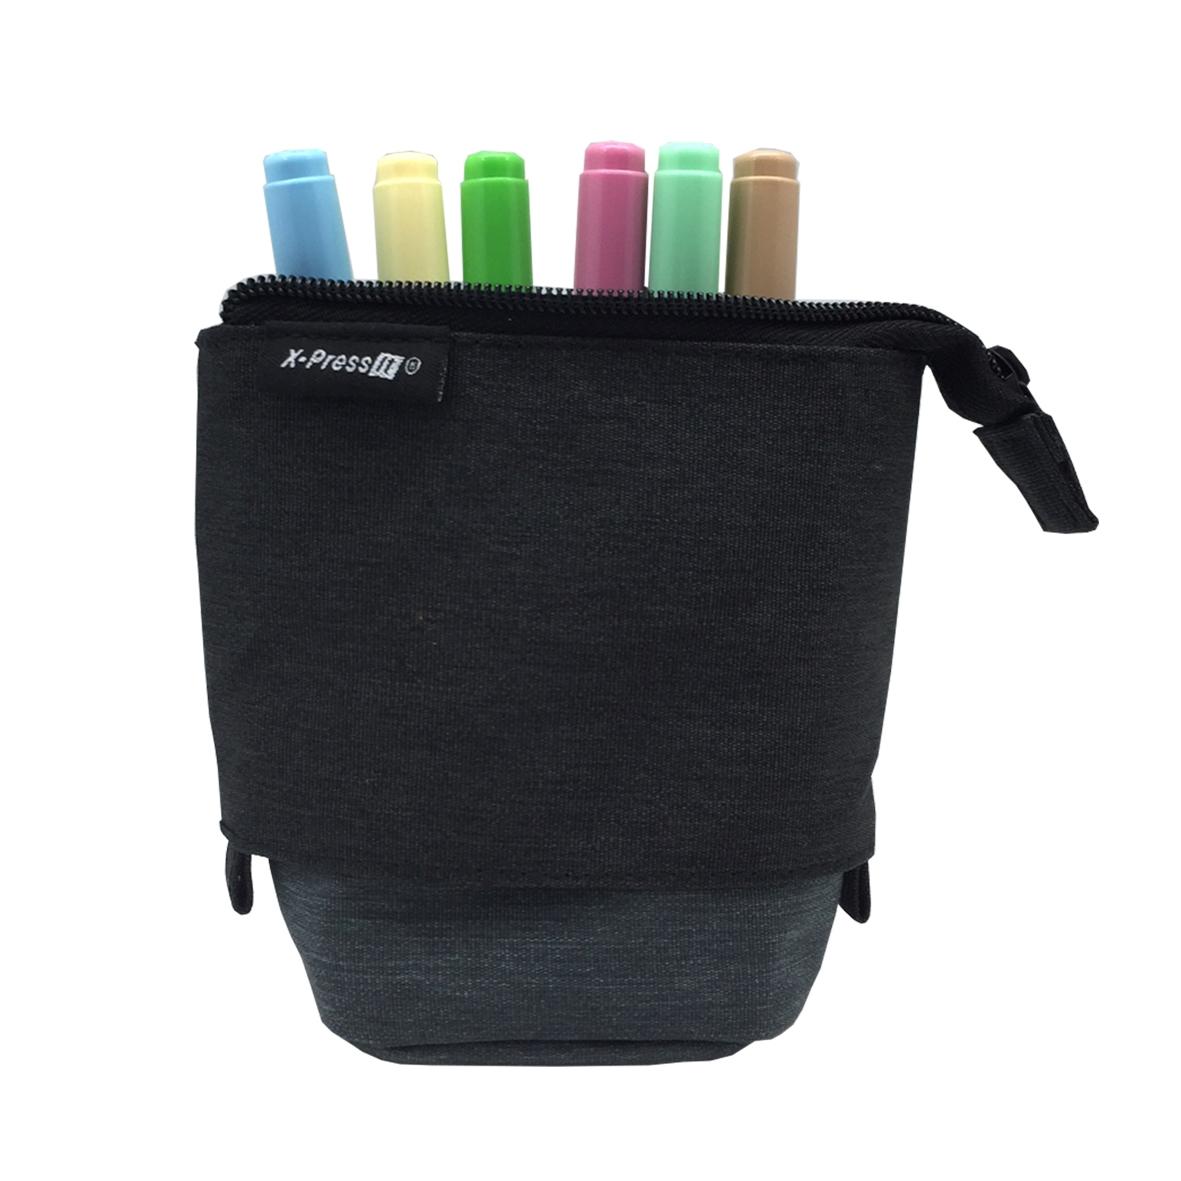 0021751_x-press-it-slider-pouch